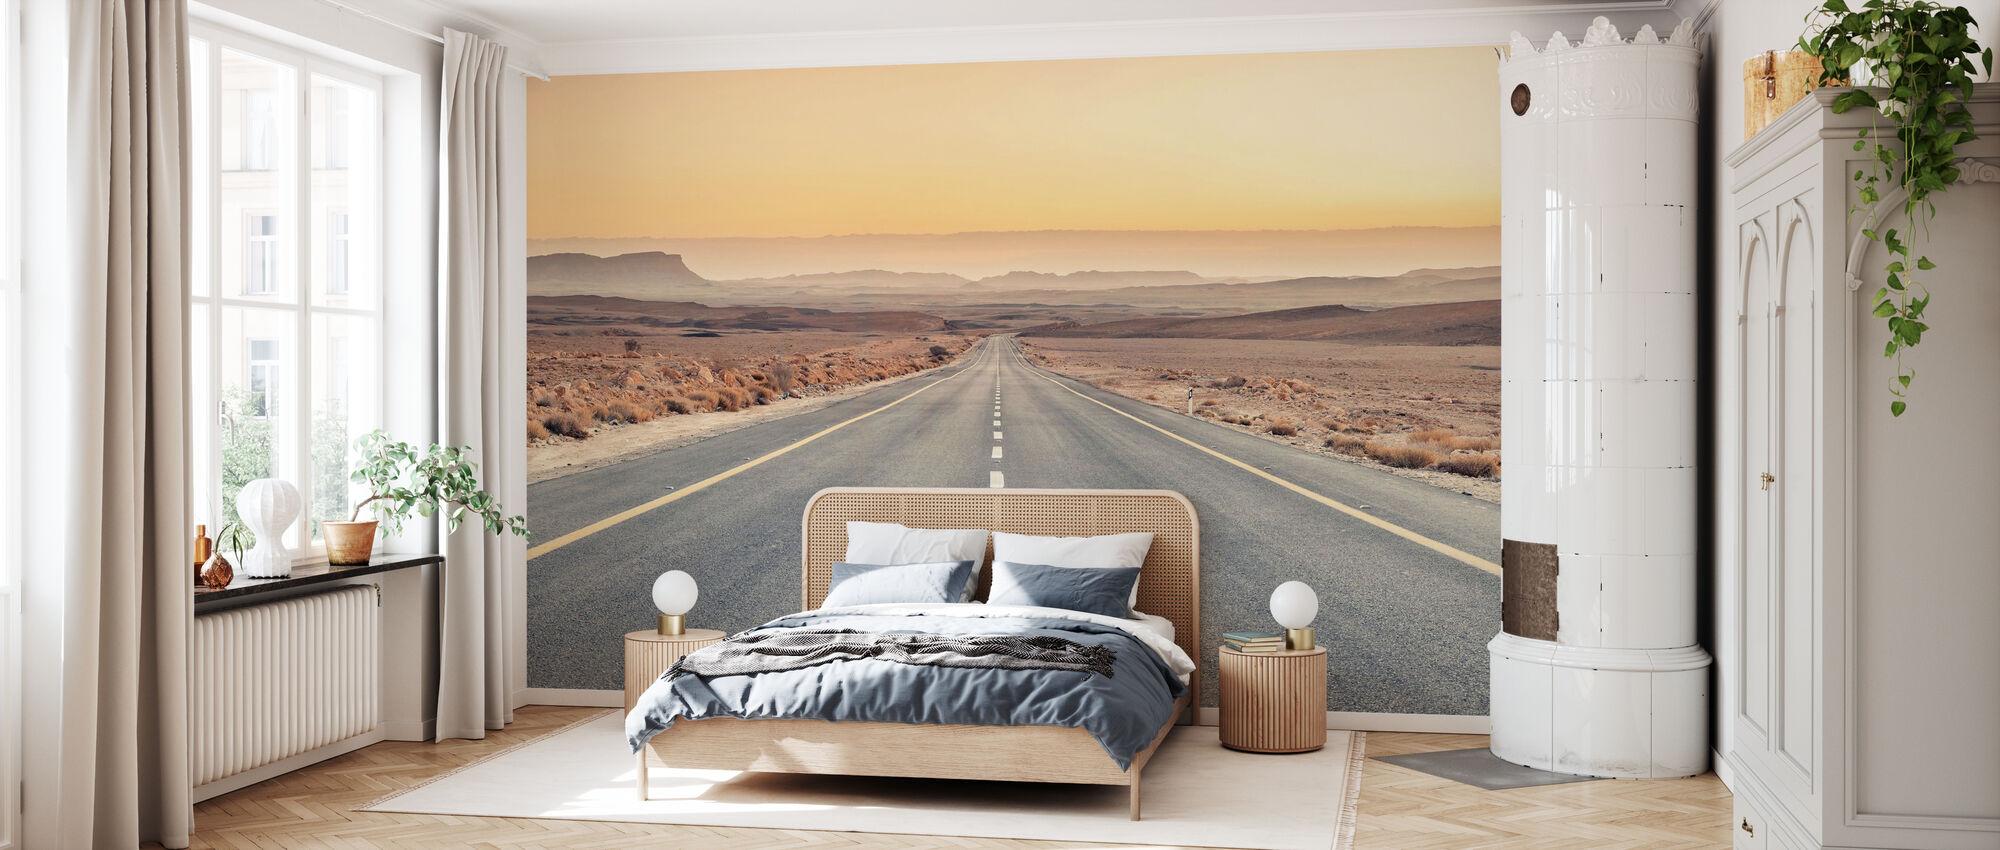 Desert Road - Wallpaper - Bedroom